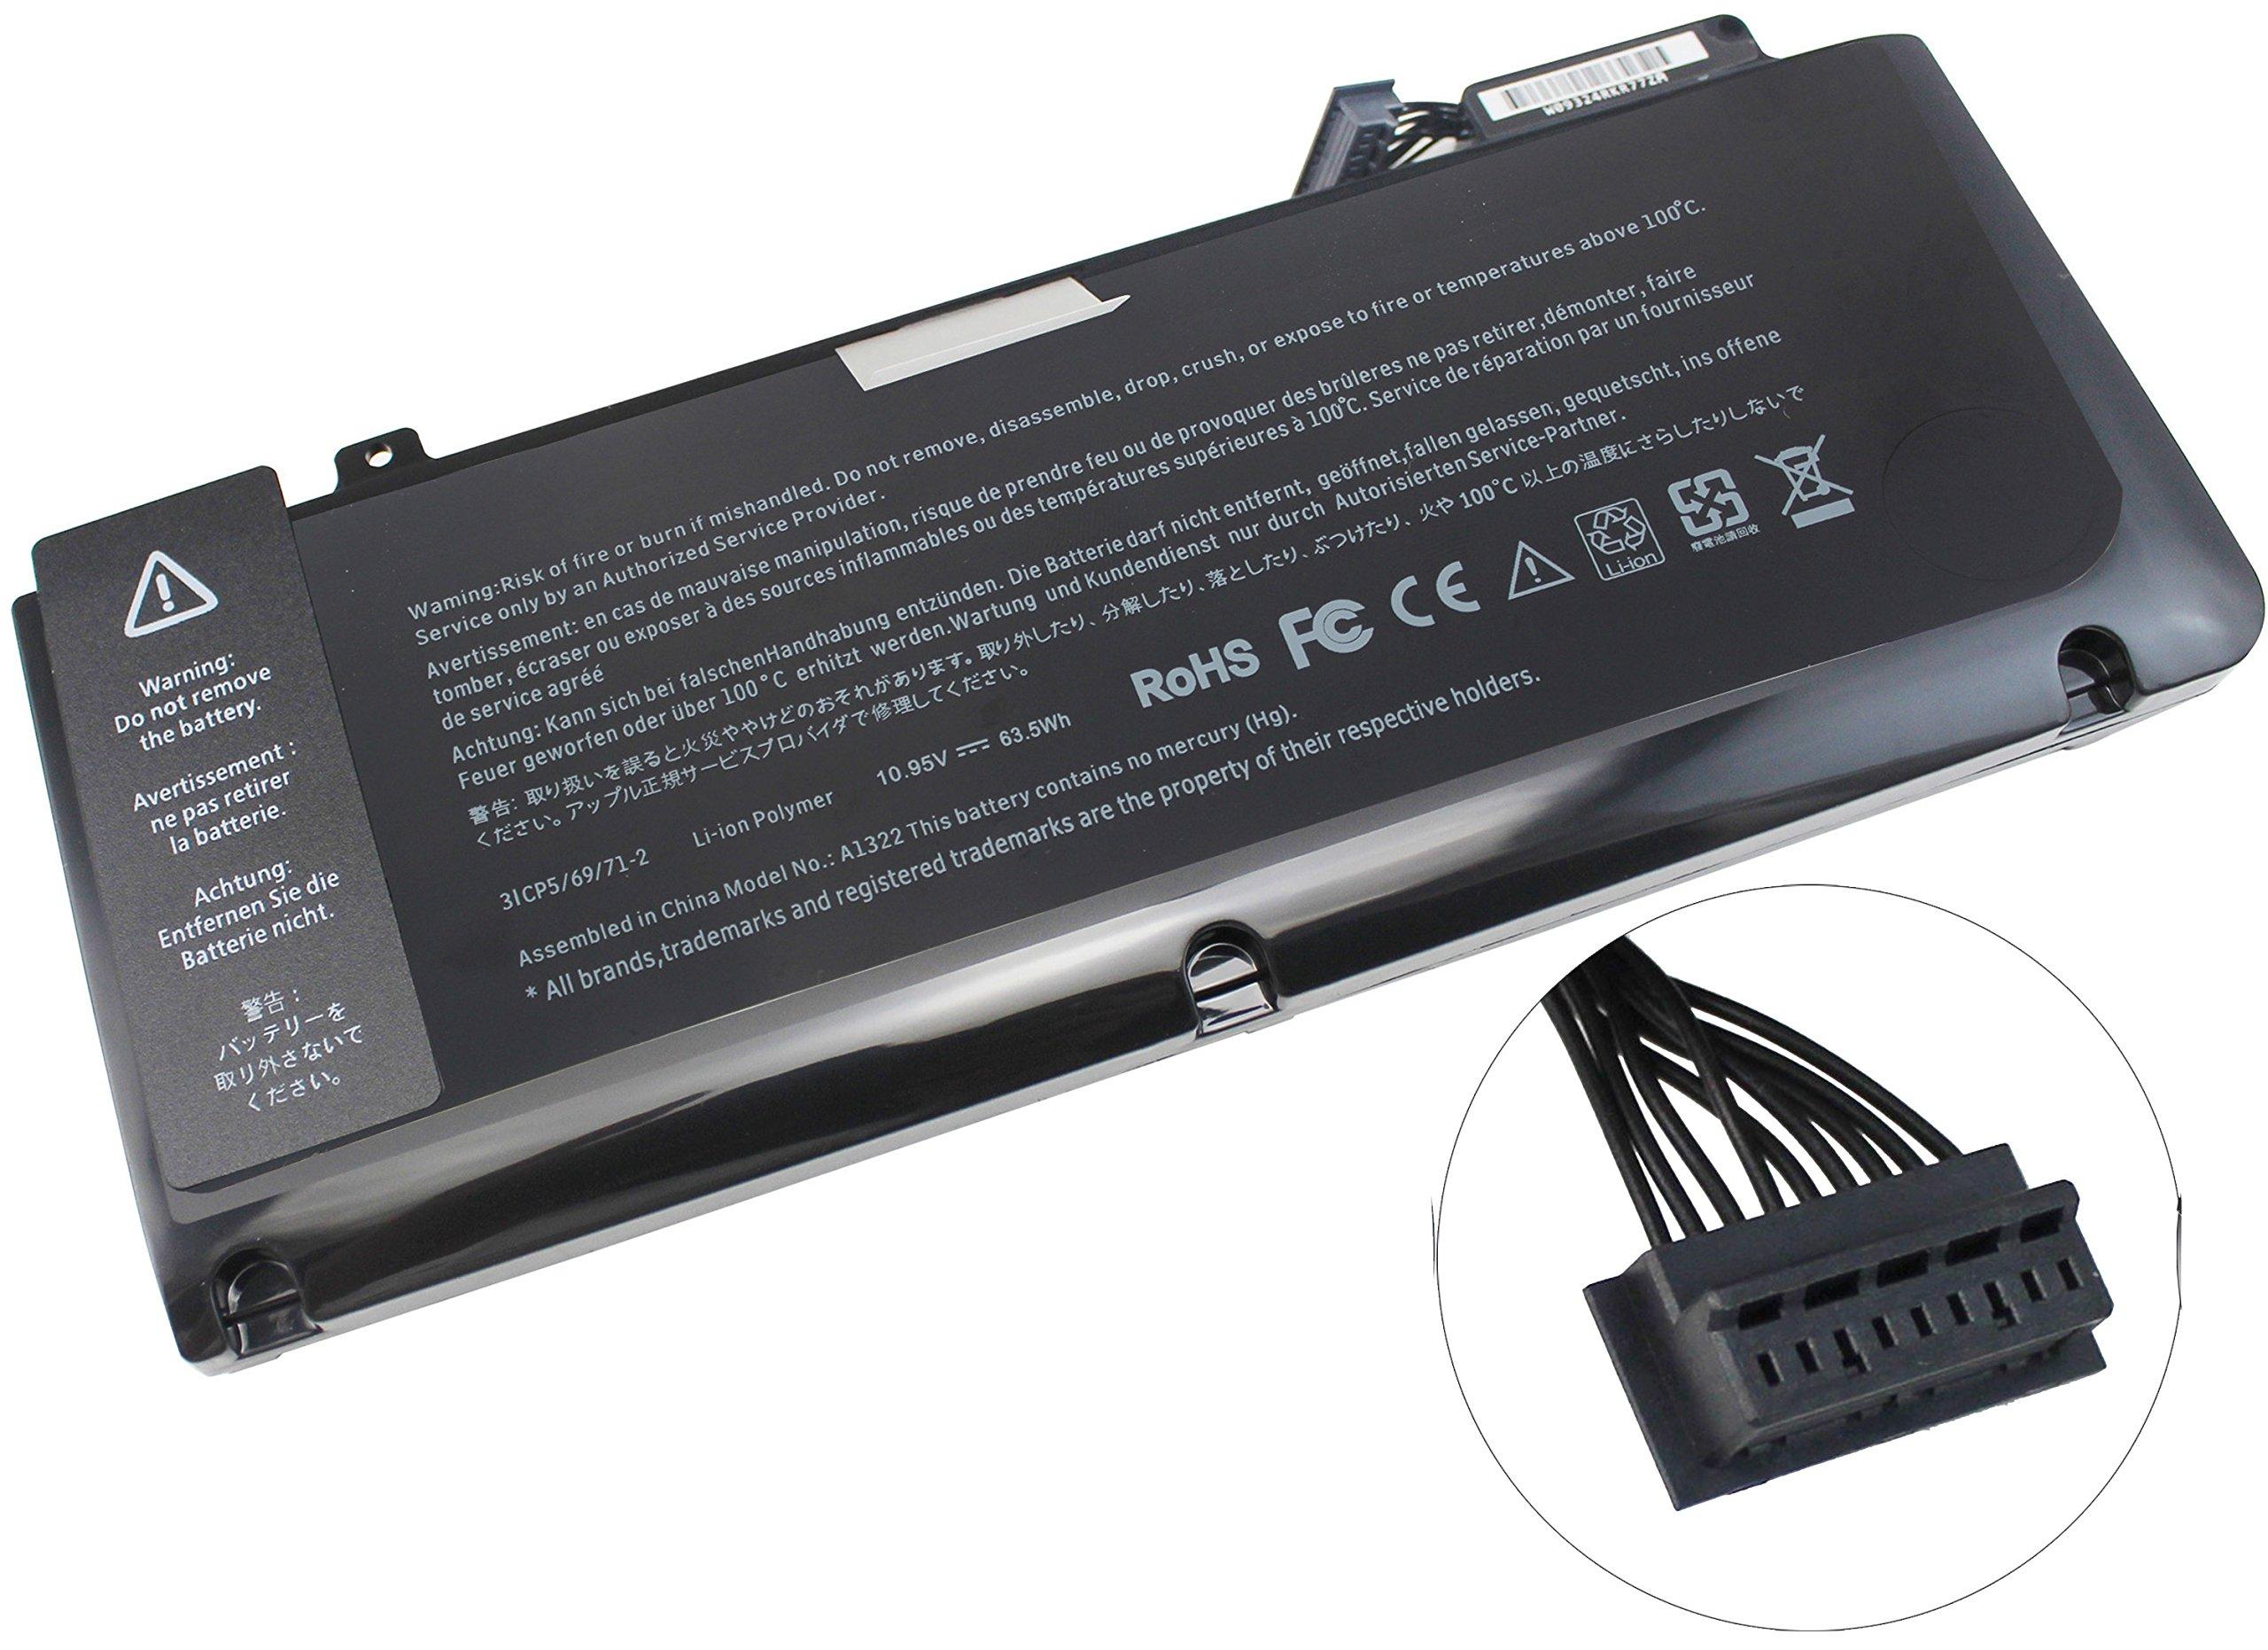 Bateria Para A1322 Para Apple Macbook Pro 13' A1278 2009 2010 2011 2012 Version 020-6547-a 661-5229 661-5557 Mb990ll/a